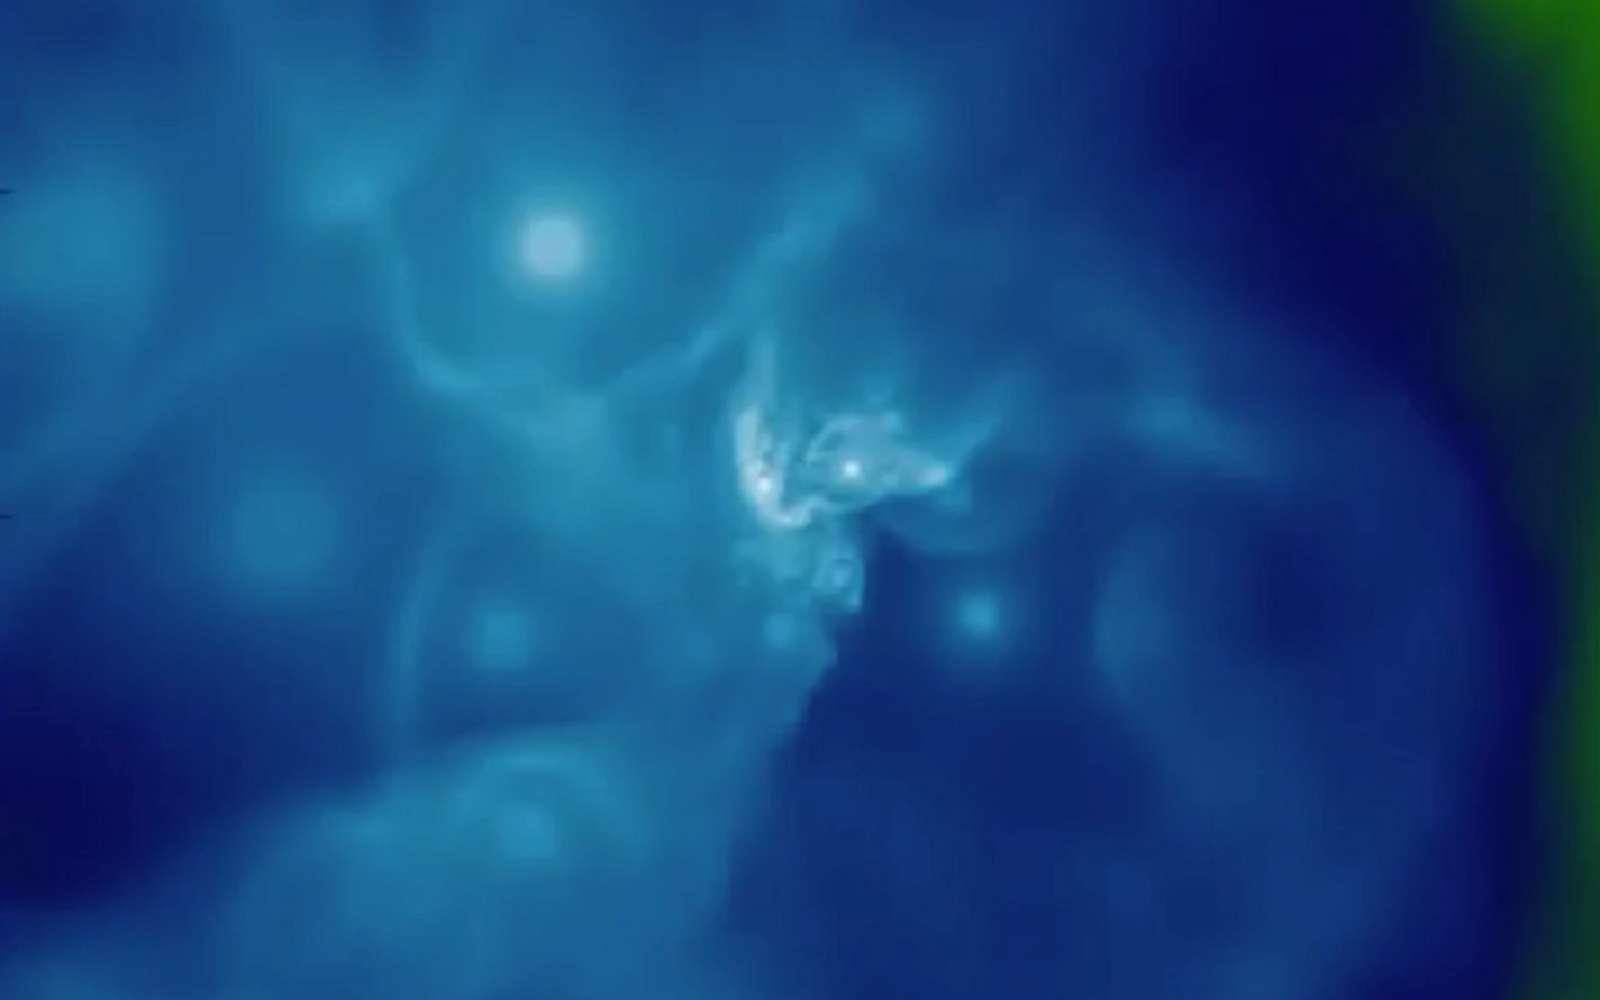 Une modélisation de Sagittarius A*, entouré de plusieurs étoiles de Wolf-Rayet. © Sean Ressler, Chris White